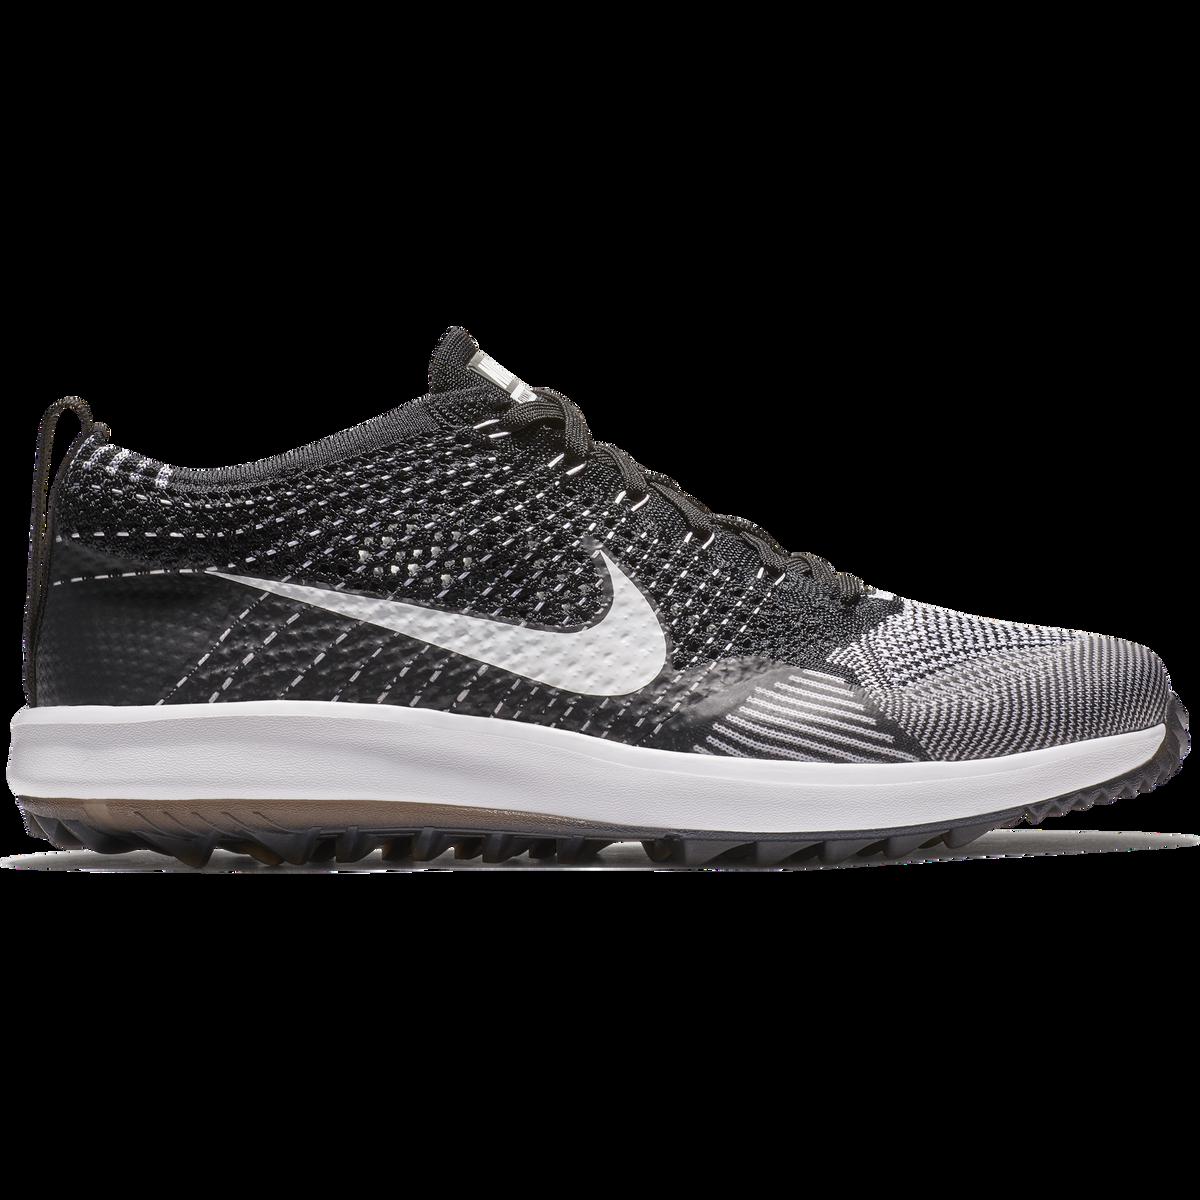 95116cb86cb1 Images. Nike Flyknit Racer G Men  39 s Golf Shoe - Black White